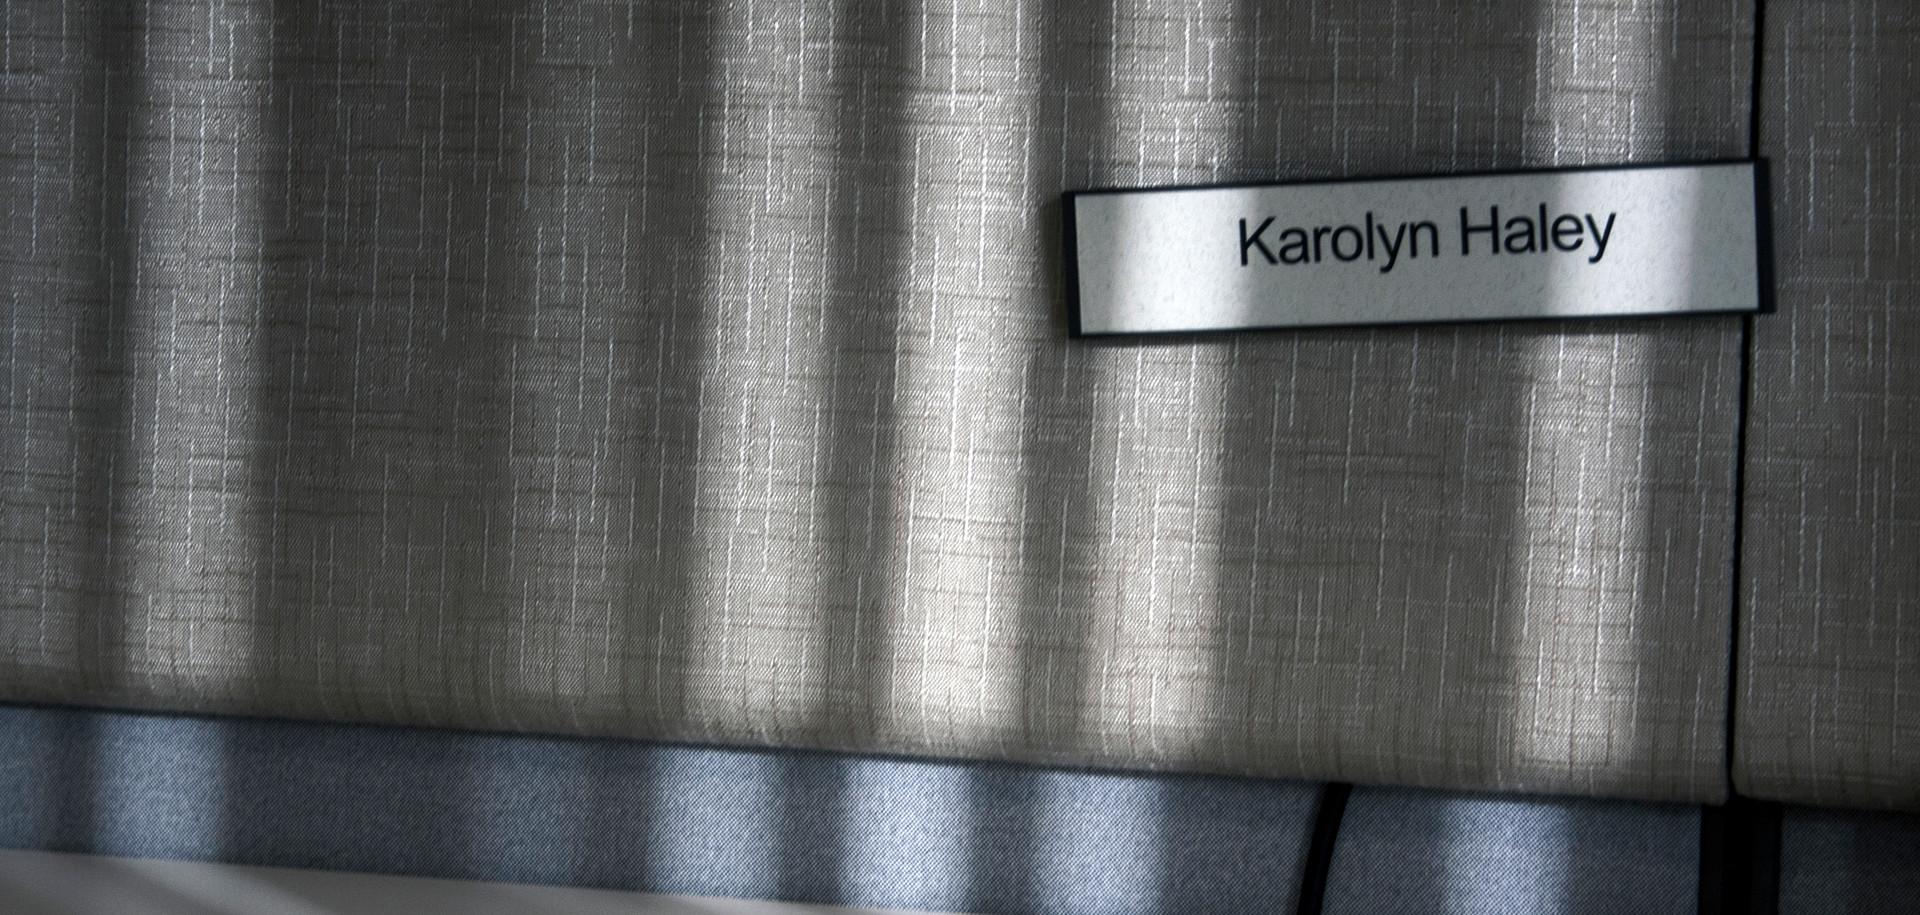 Karolyn Haley 1010